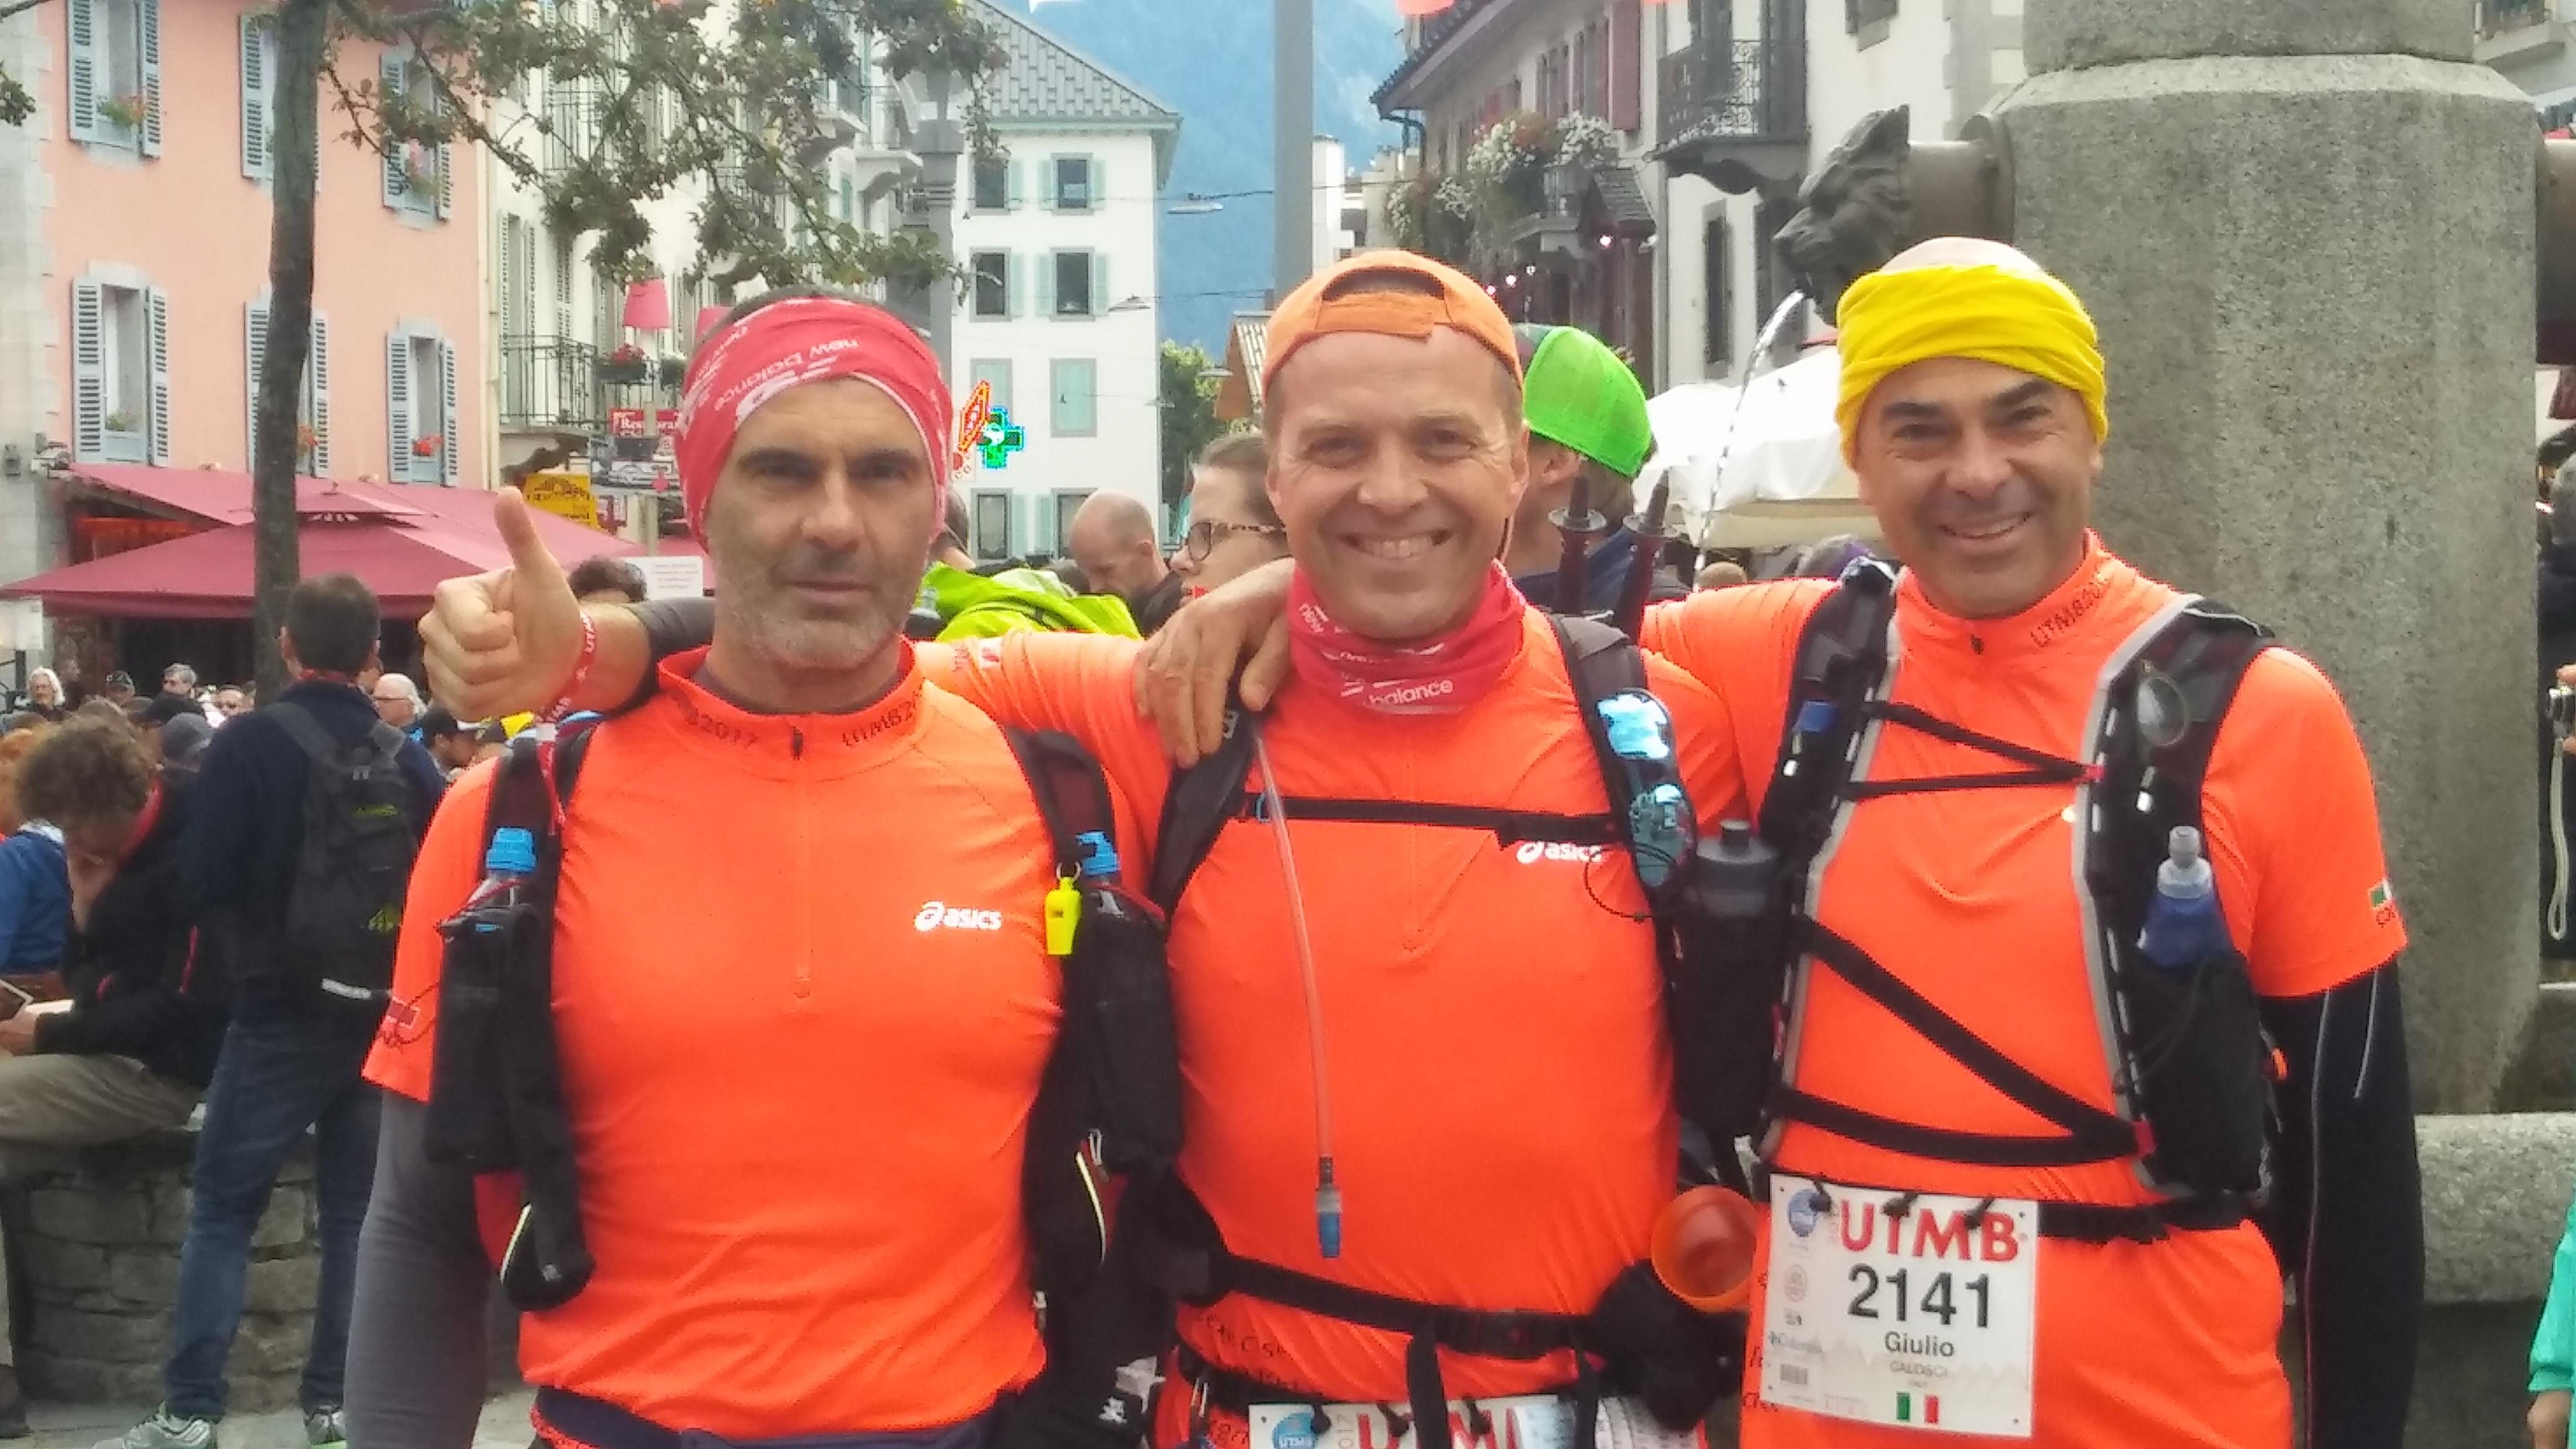 3 cortonesi alla UTMB, la gara più importante del Trail mondiale